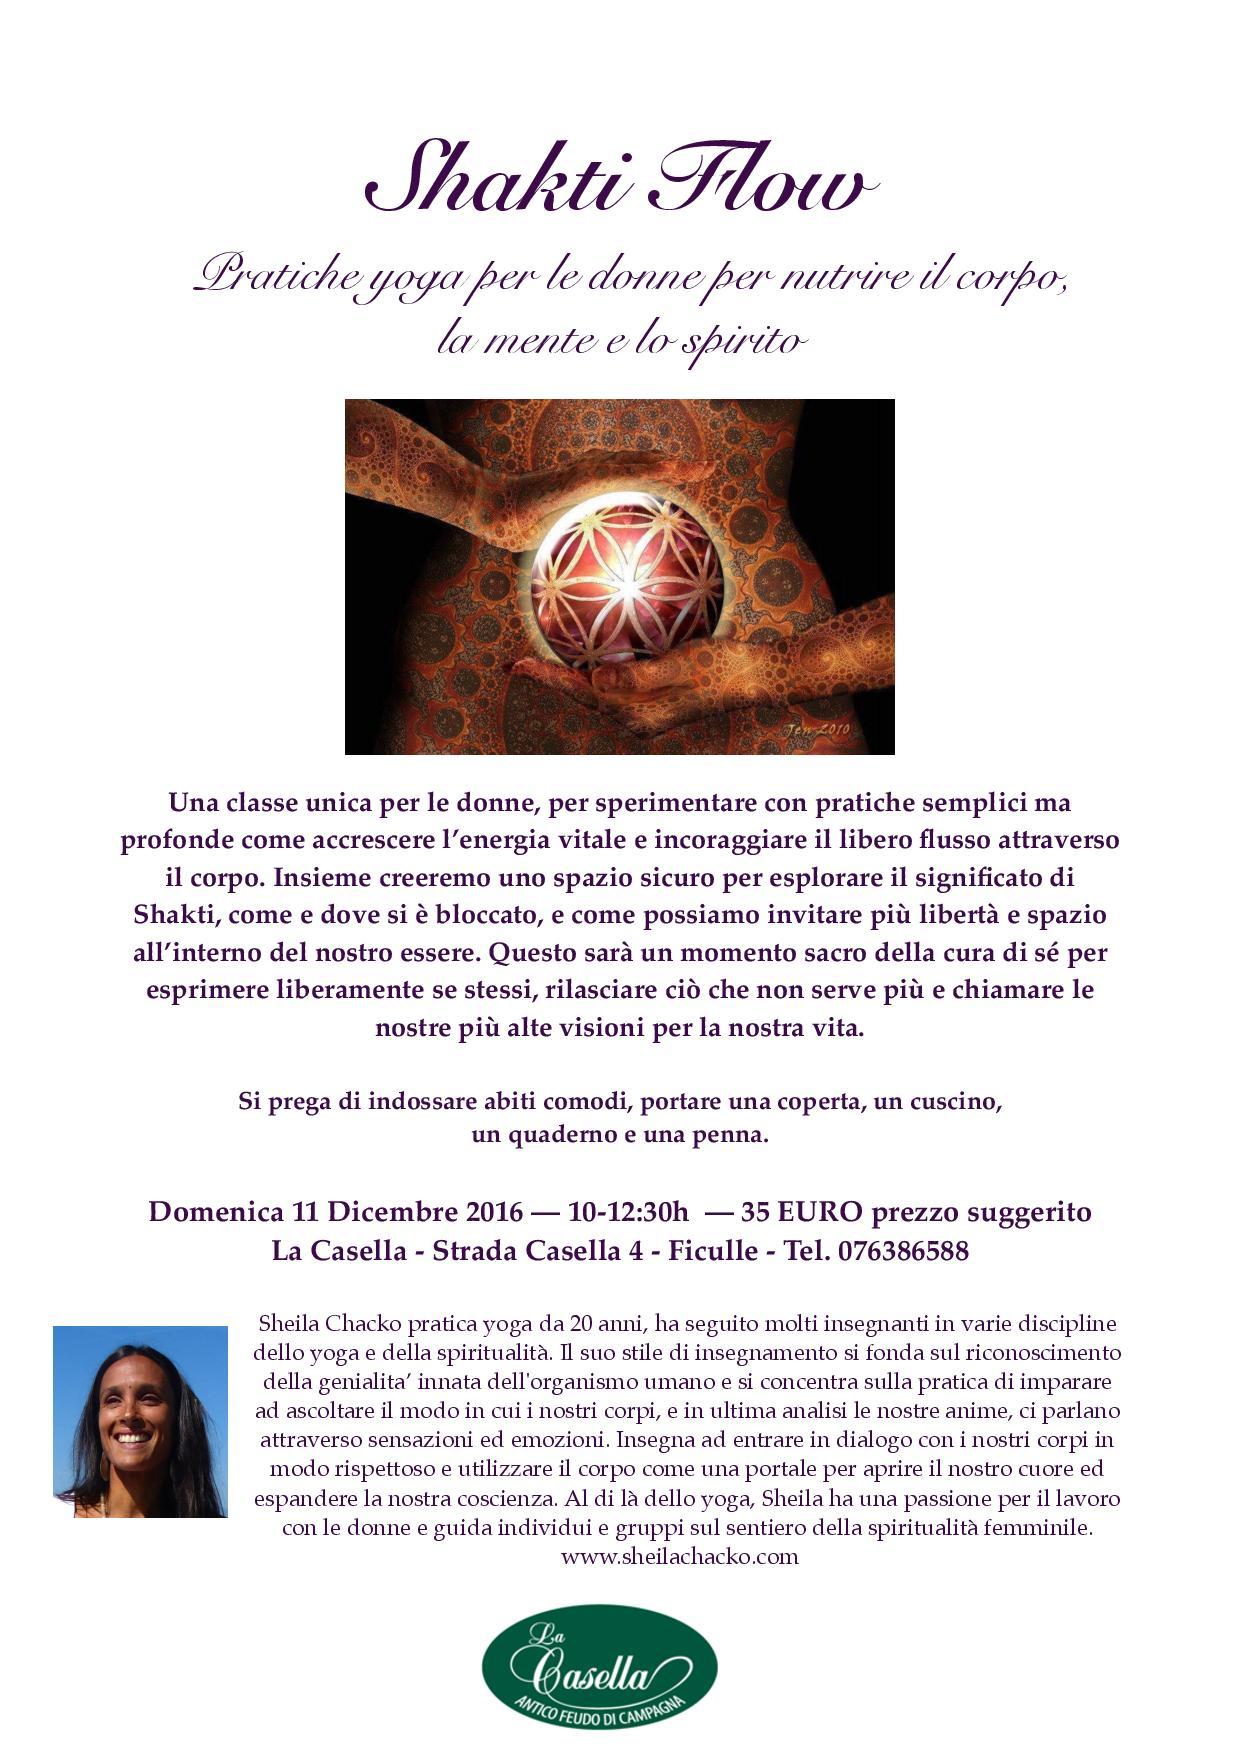 Shakti Flow Italiano 11.12.16 version 2 pdf-page-001.jpg